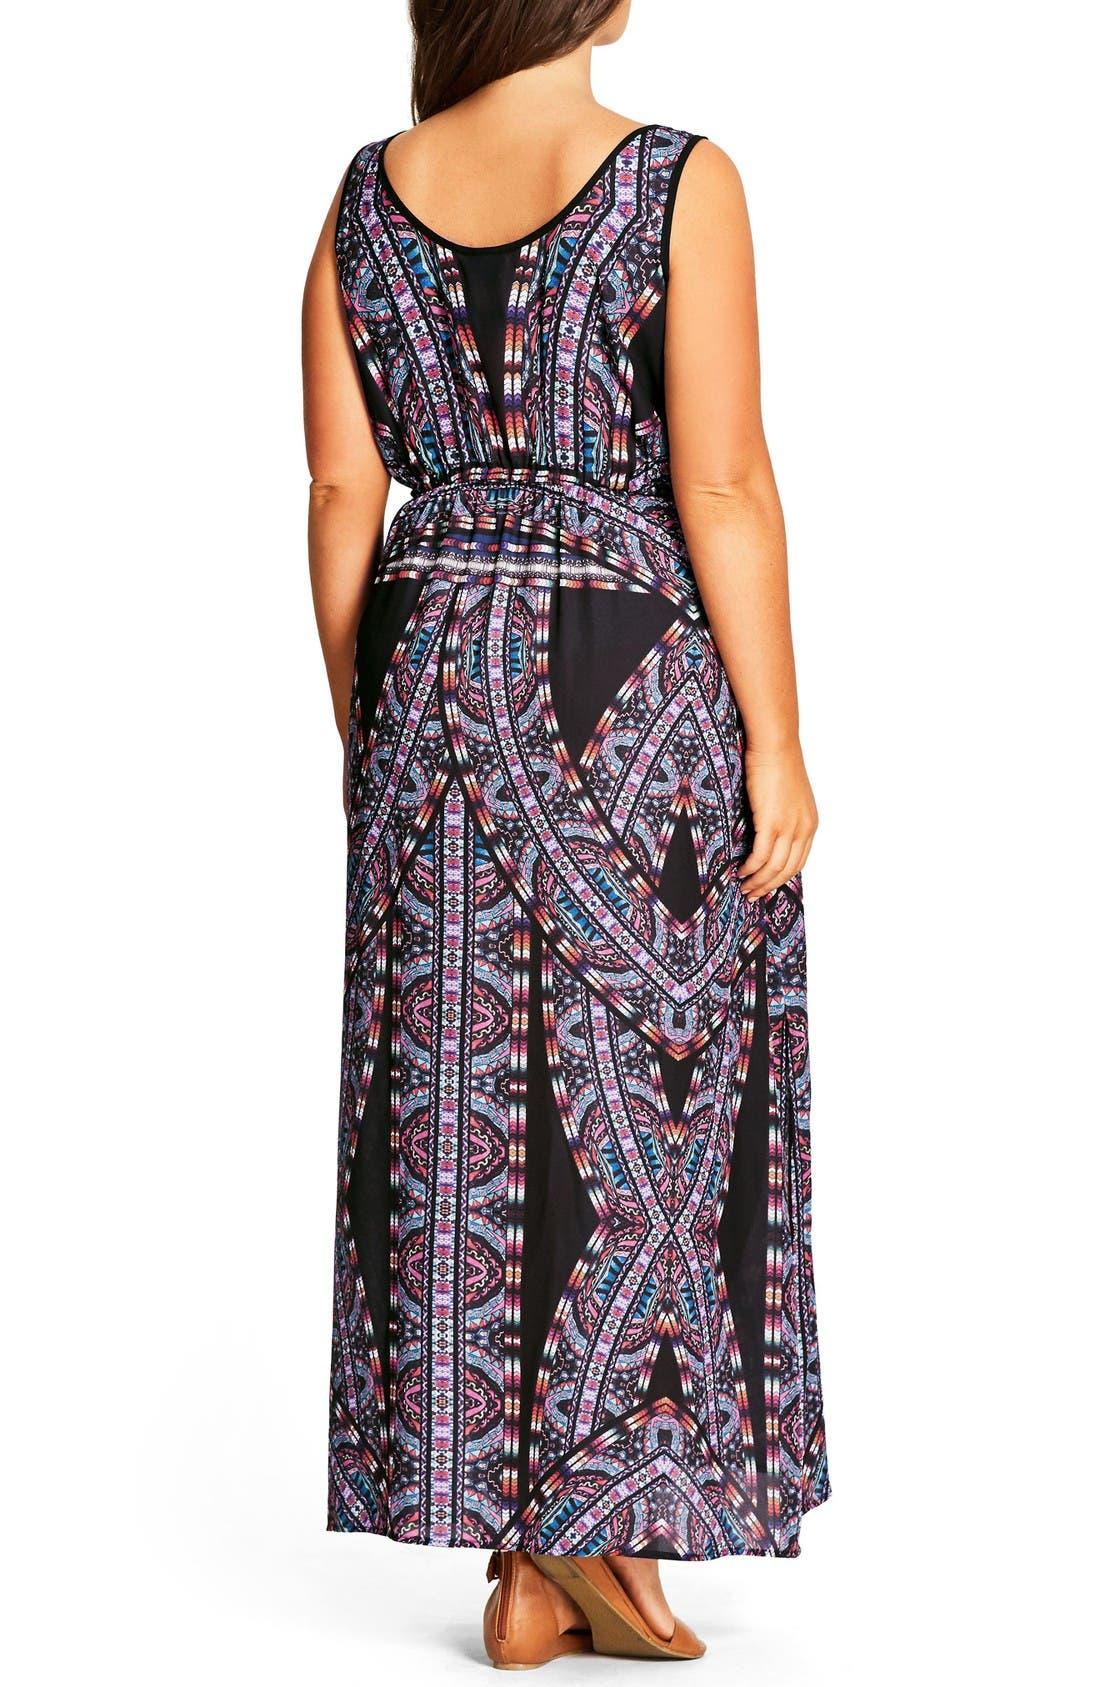 'Biba' Drawstring Maxi Dress,                             Alternate thumbnail 2, color,                             Black